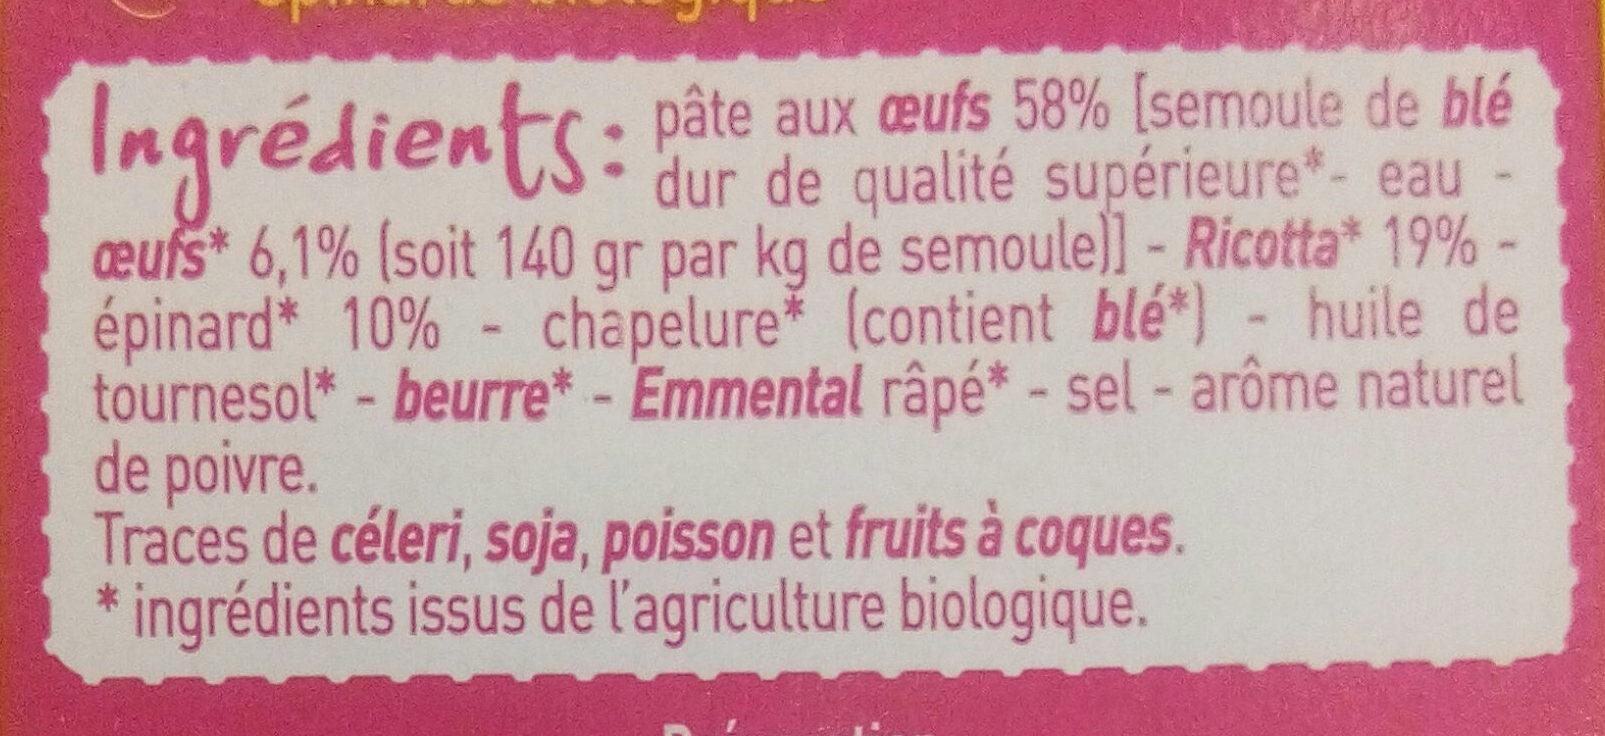 Raviolis ricotta épinards aux œufs Bio - Ingrediënten